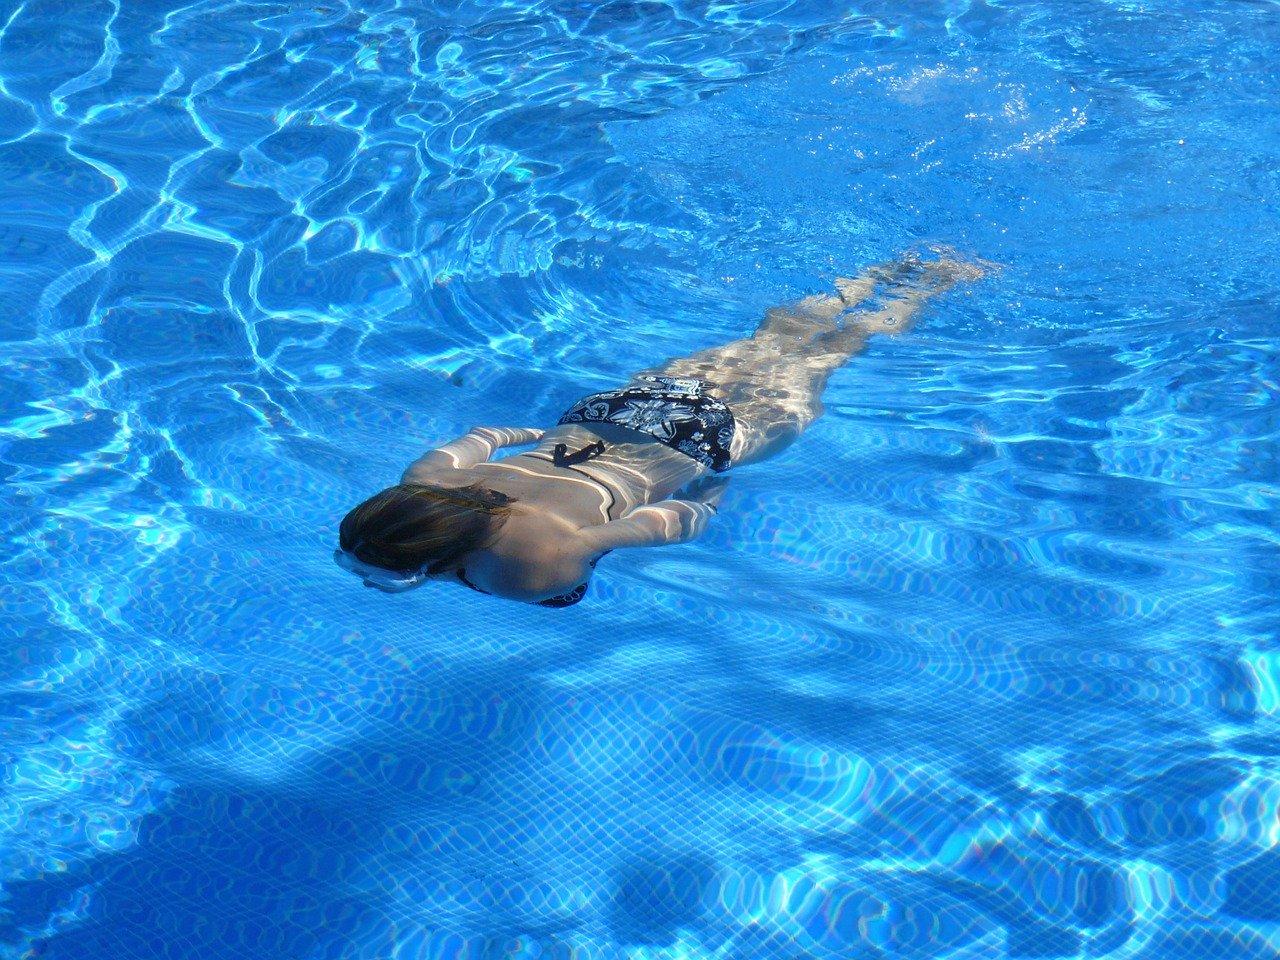 Quelle pompe à sable pour piscine hors sol ?